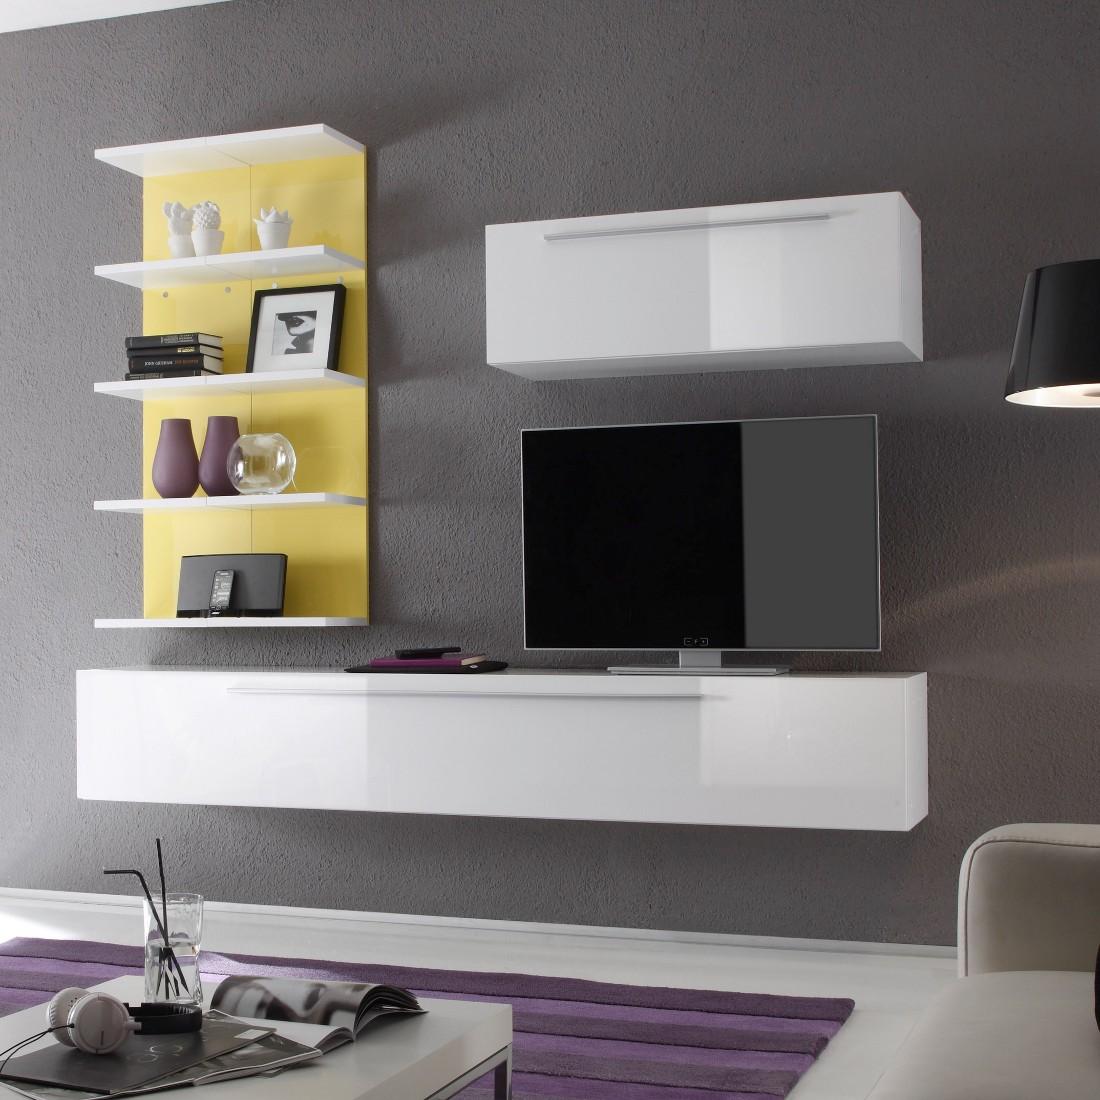 Wohnwand Coloret Weiß/Gelb - Hochglanz